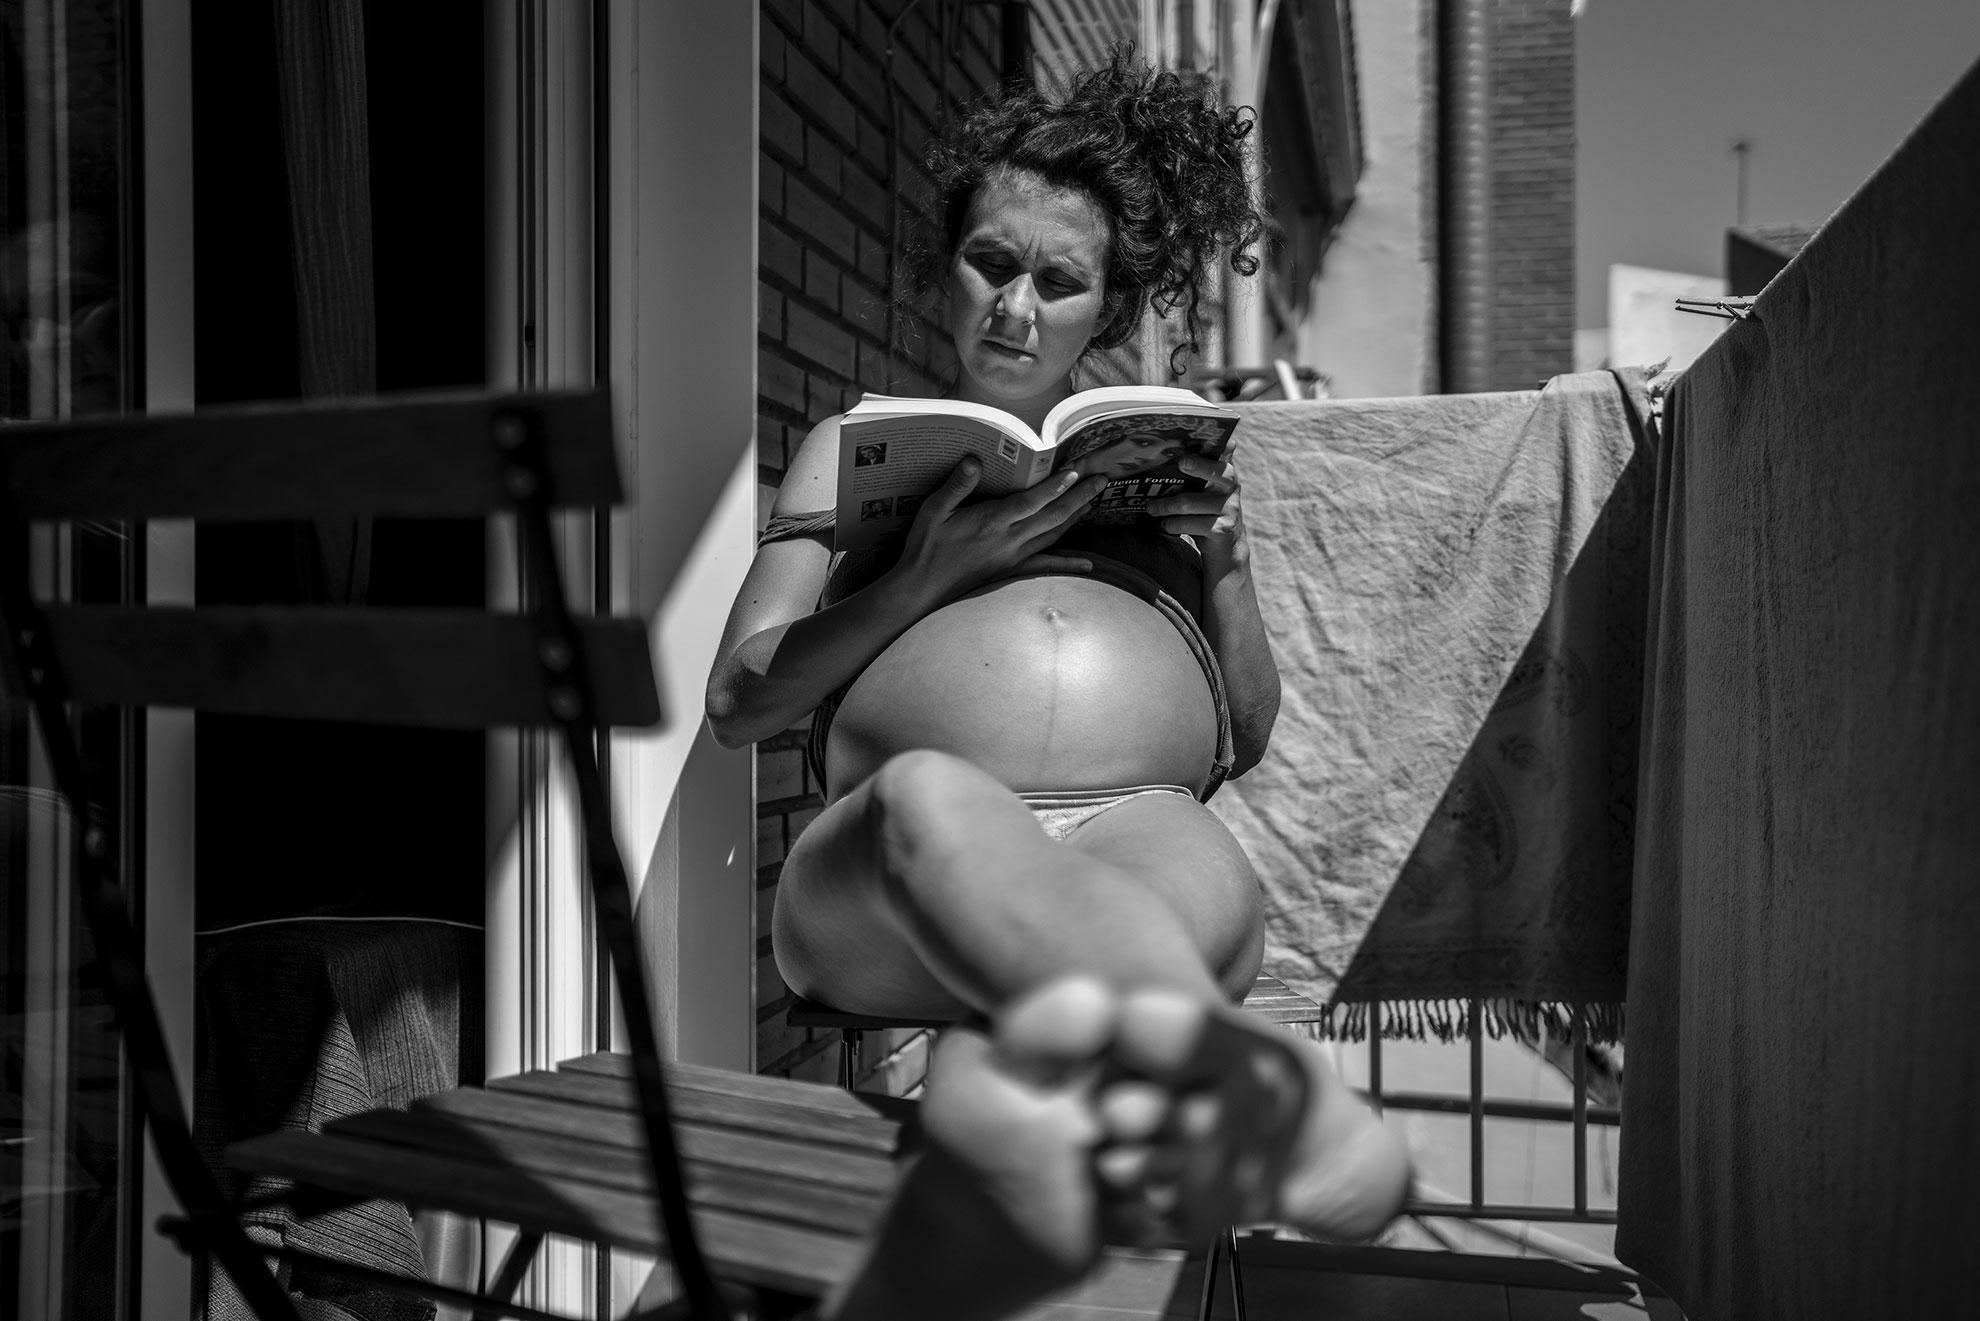 Por fin la concentración me dio tregua y conseguí zambullirme entre las páginas de un libro. Al sol, me adentré en uno de los relatos de Elena Fortún y su personaje estrella: Celia. Aquella niña burguesa de la República, que fue creciendo en mitad de la guerra, el exilio y la posguerra. Una autobiografía camuflada en relato infantil, encriptada para adultos. Elena y Celia, me llevan a pensar en la vida de otras mujeres que nacieron o vivieron alguno de esos momentos, que han sido el sustento de varias generaciones y que ahora este virus quiere arrasar, pero no lo vamos a consentir. Pienso en Ela, 'yayoflauta' de Madrid, juzgada por defender a unos chicos 'manteros'; y que ayer pasó su 79 cumpleaños en casa aislada pero no sola, porque fuimos muchas las que le mandamos nuestro cariño en un vídeo. Pienso en Manoli, una de las 'madres contra la droga' -otra pandemia que arrasó en los 80 y 90 en barrios obreros como Vallecas-, que sigue infatigable al pie del cañón. A ella y a Asun las echo de menos en la Parroquia de San Carlos Borromeo, ese refugio de cuidados, lucha y resistencia, que tantas compartimos. Pienso en mi abuela Rosa, en su humor como antídoto para superar batallas vitales que ella guarda con toda la humildad pero que son ejemplo de resistencia viva. Y cómo no vamos a cuidar de ellas. Porque fueron somos, porque somos serán.